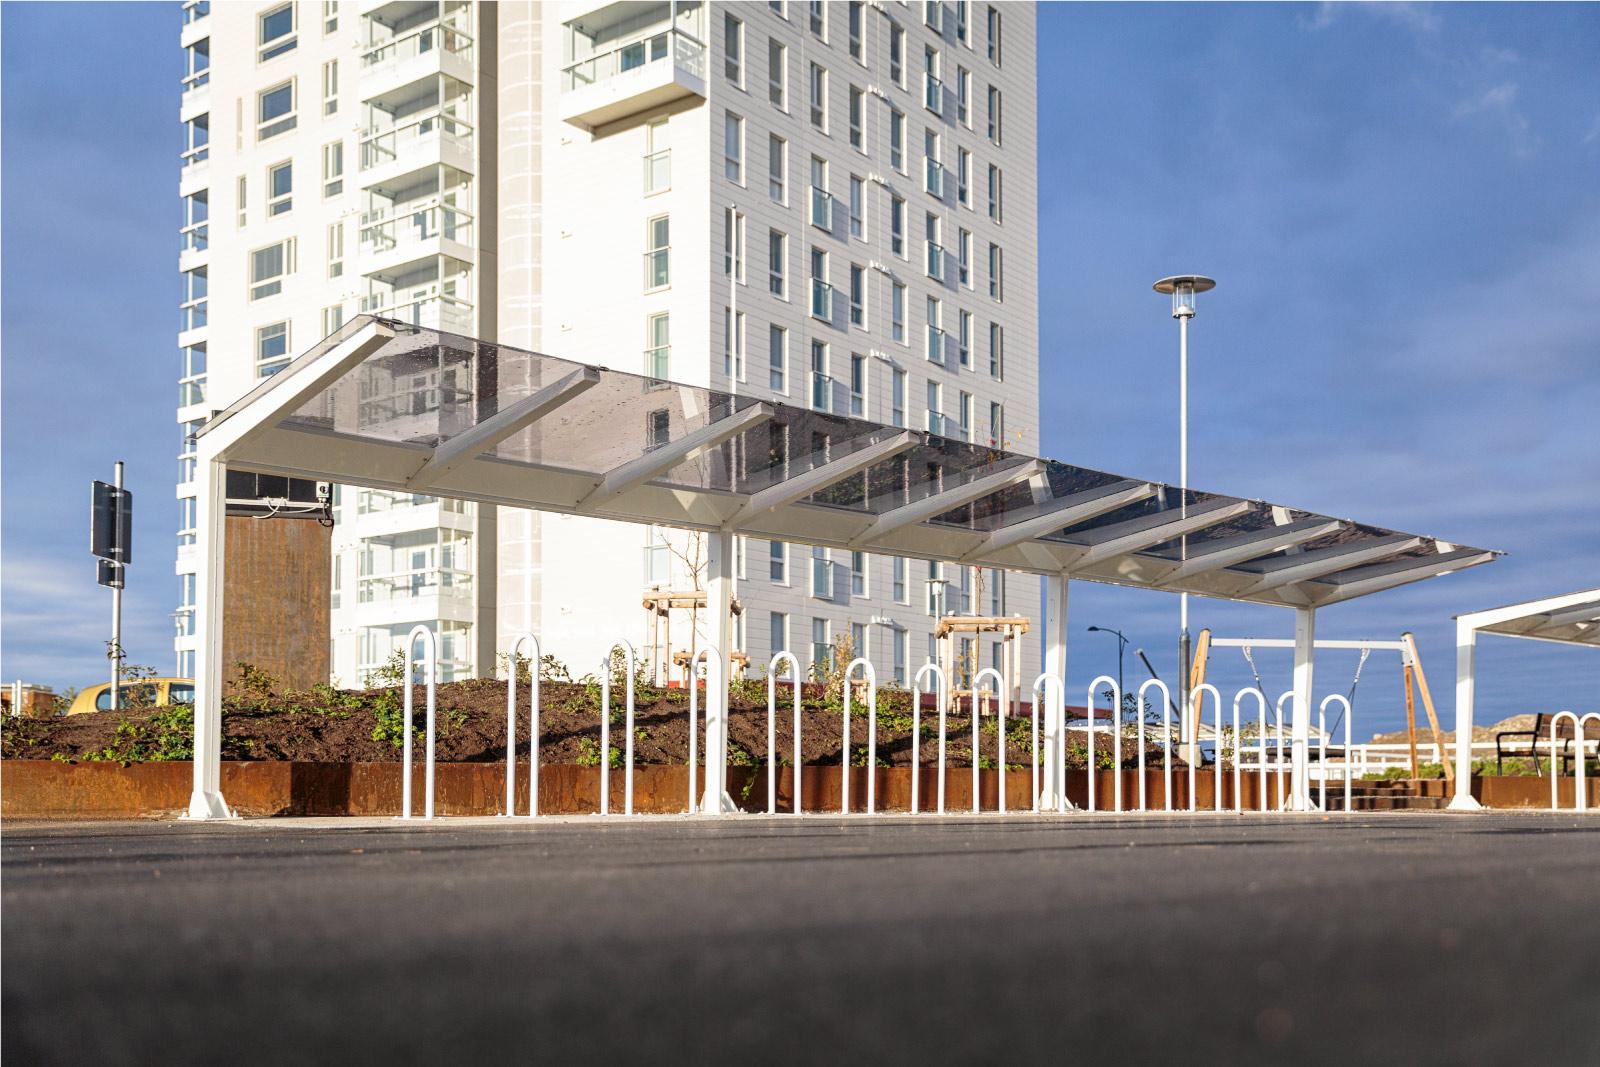 Light pyöräkatos lasin tunteella, neliskulmaiset putket ja katos polykarbonaattia, viimeistely pyöräkatos muotoilullaan, katoksen kanssa voidaan yhdistää runkolukitusteline. Light valkoisilla kattotuilella, kuvan katos Oulusta